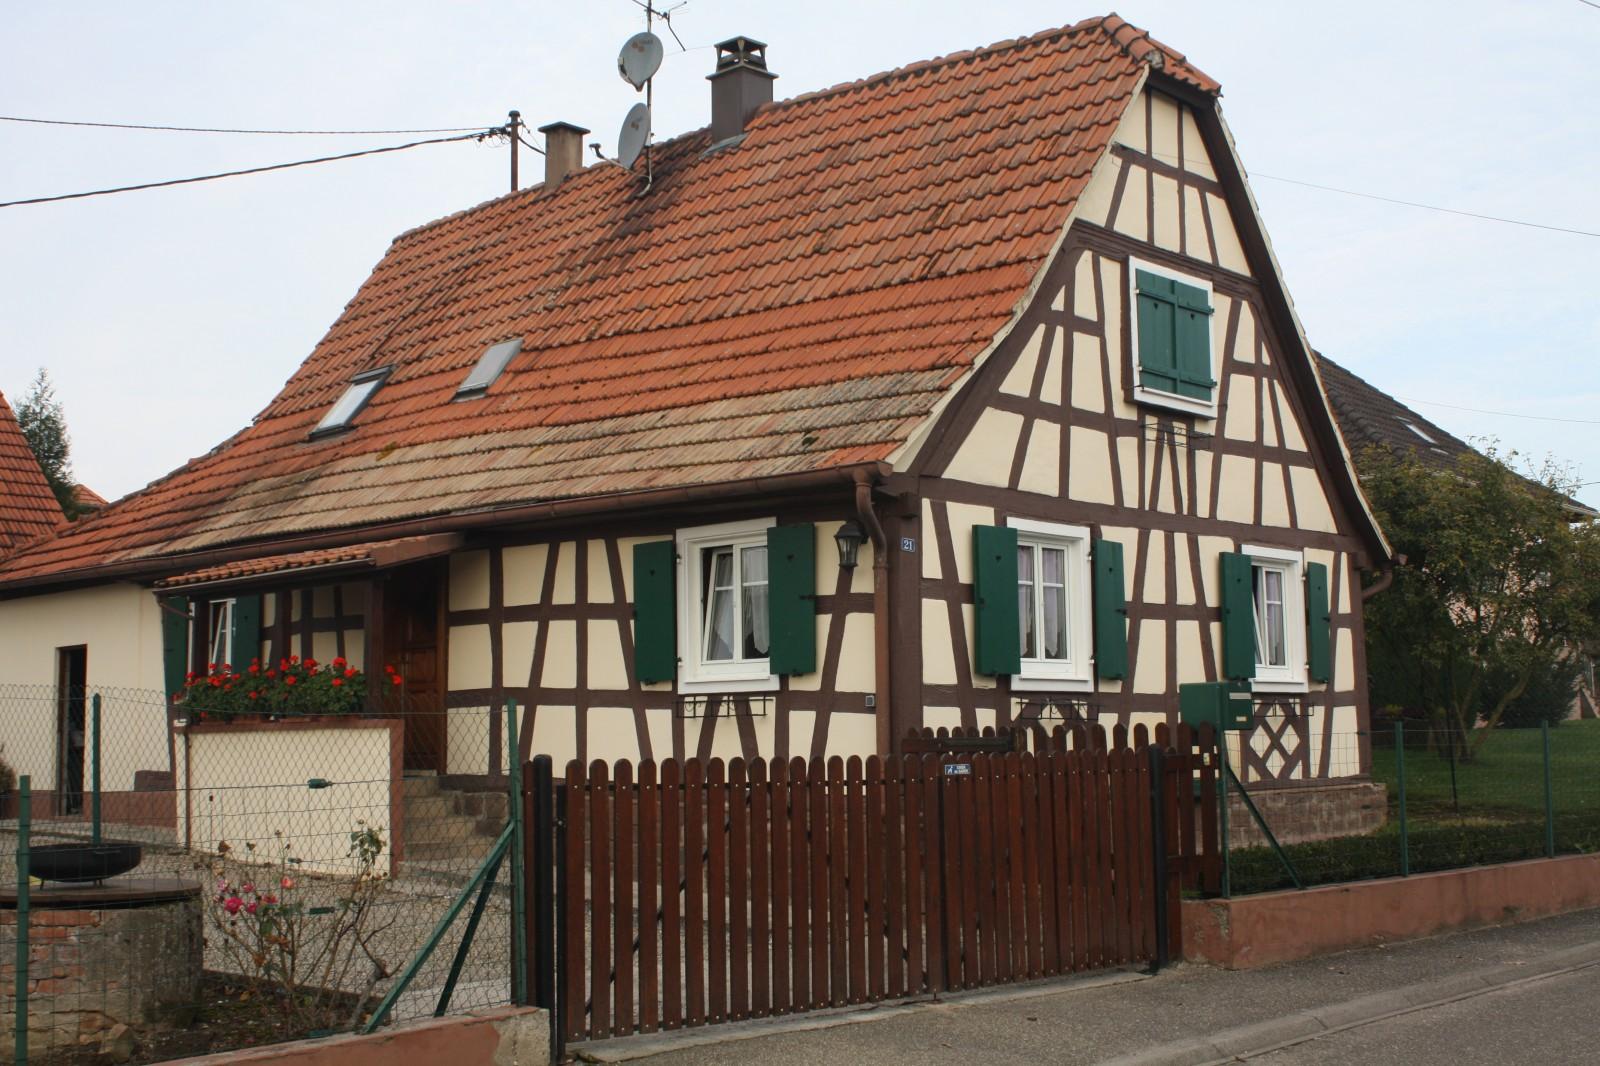 Maisons alsaciennes stunning la petite france jolies - Maison a colombage alsacienne ...